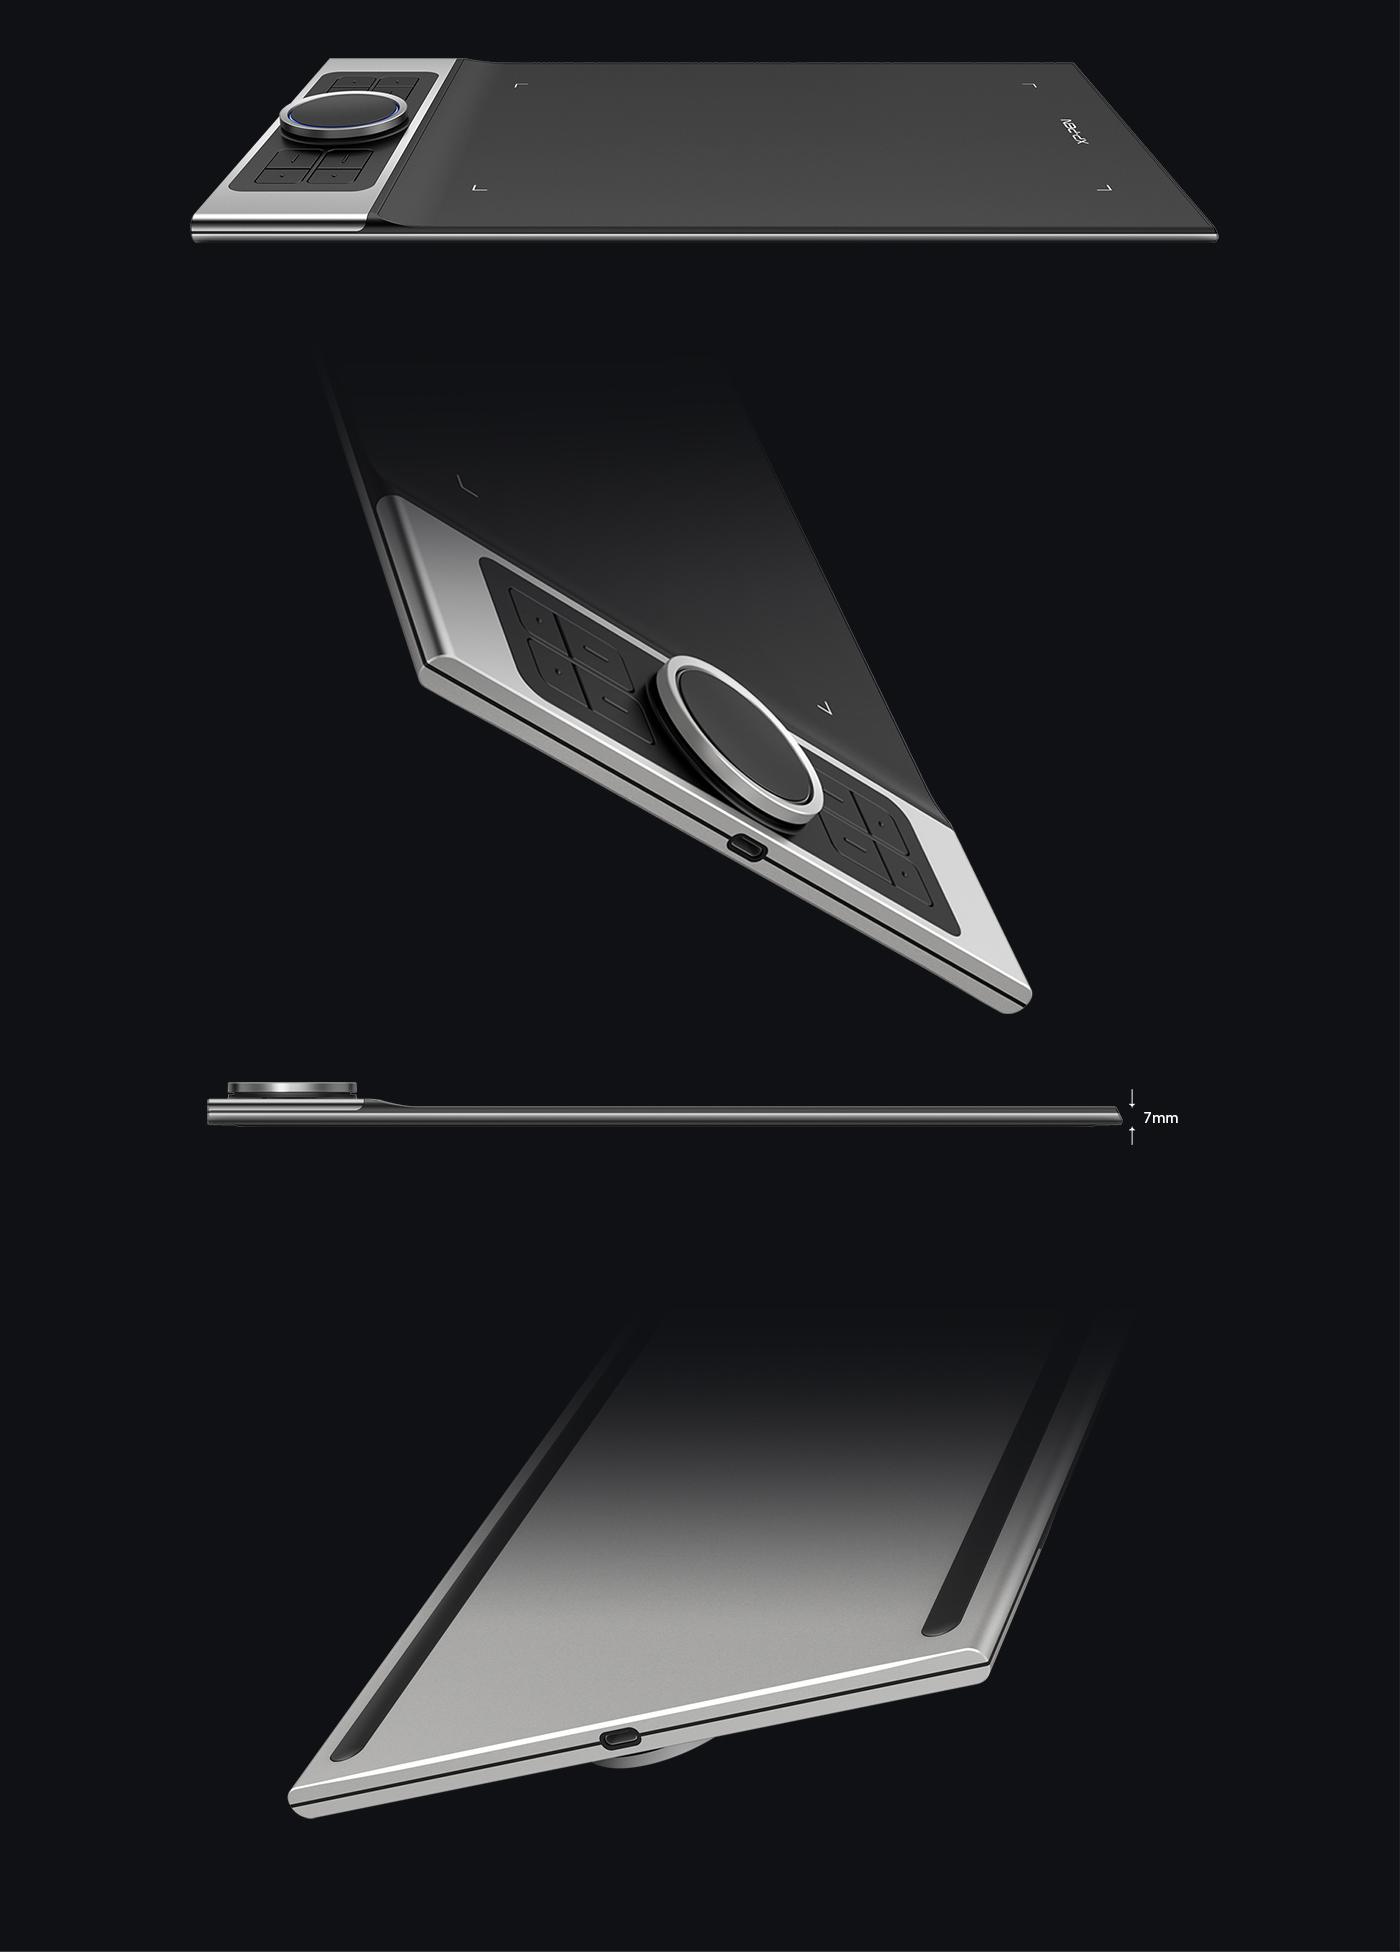 XP-Pen Deco Pro Profesional tableta digitalizadora para dibujar y diseño grafico